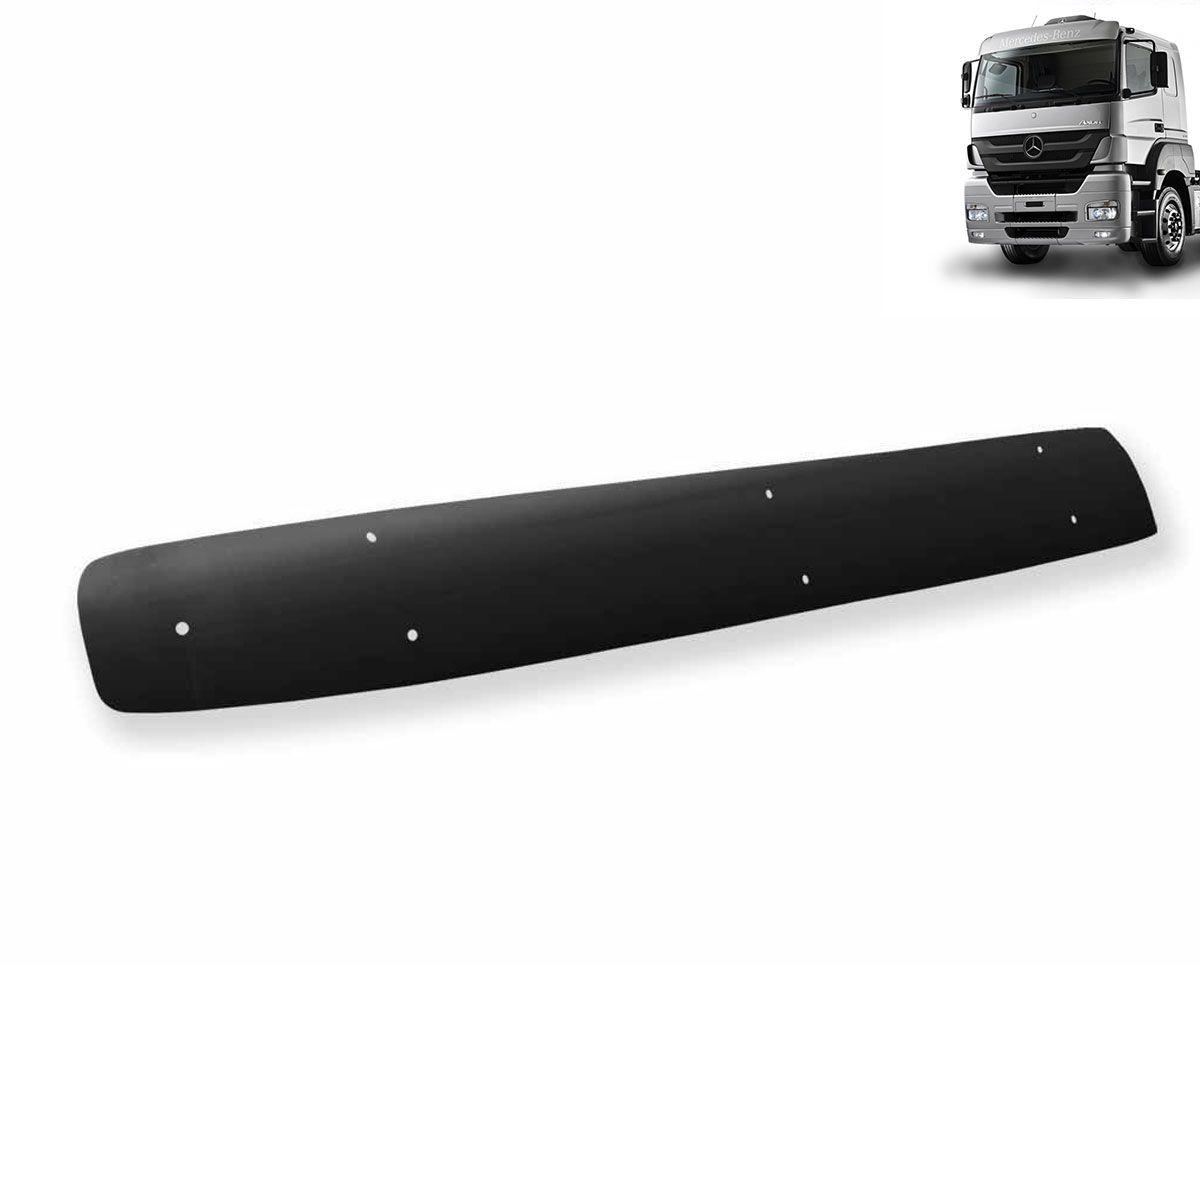 Lâmina Tapa-Sol Mercedes Benz Atego / Axor Cabine Baixa